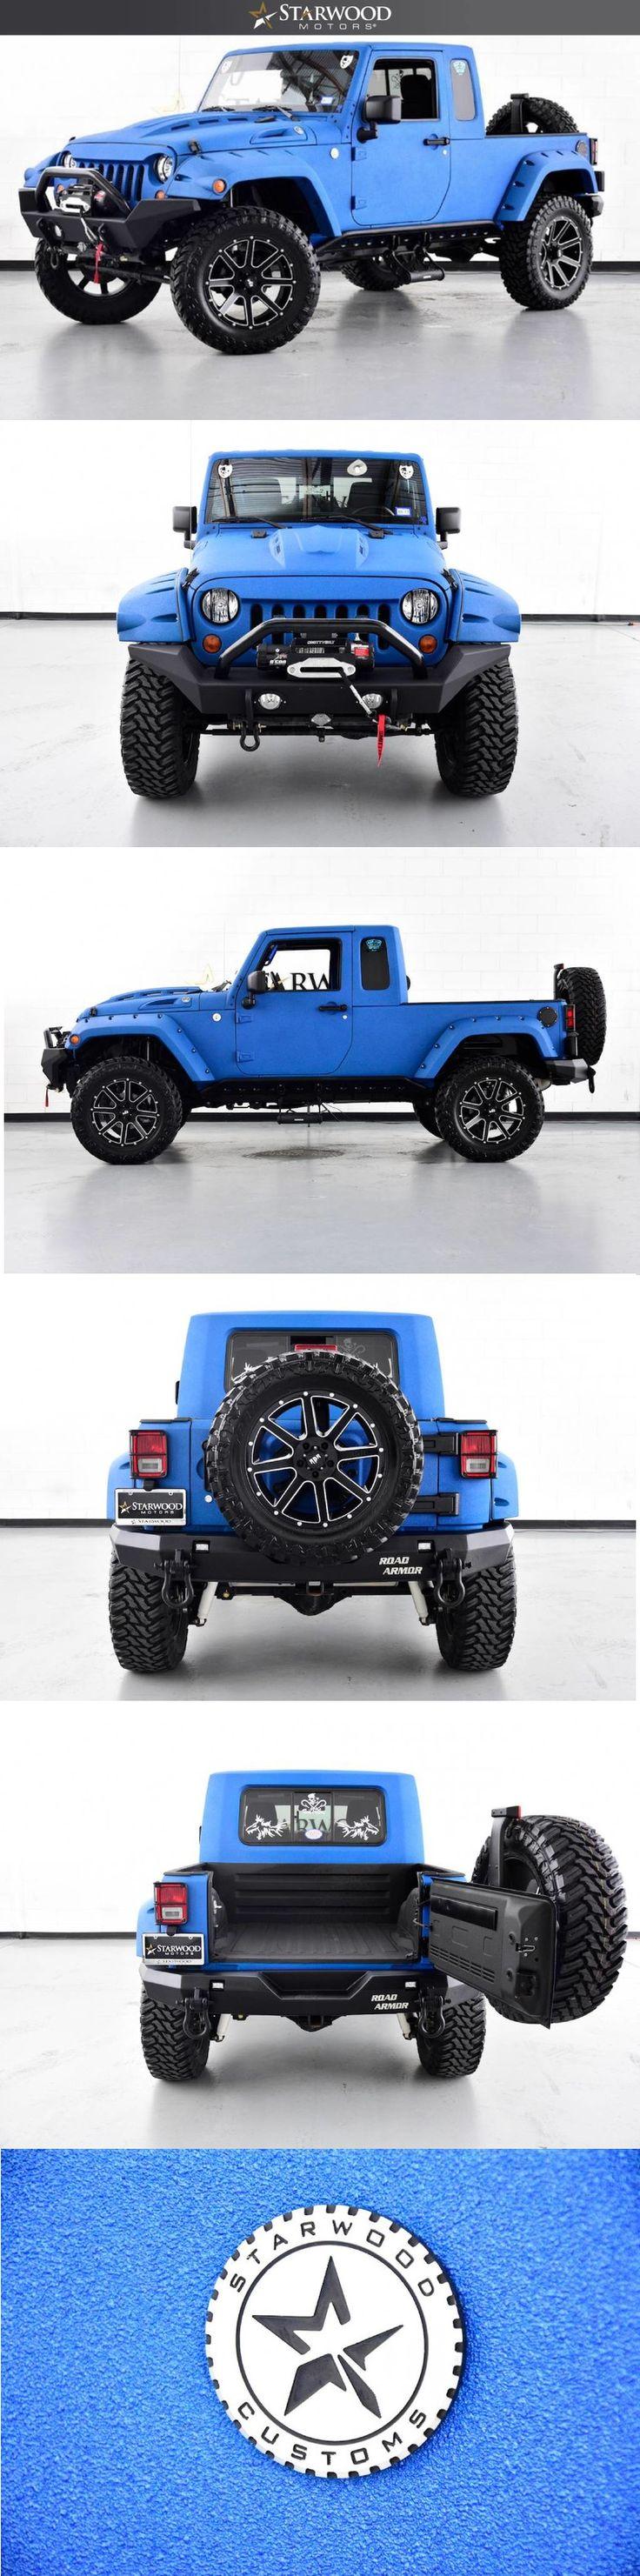 Starwood Motors Custom JK-8  #starwoodmotors #starwoodcustoms #Jeep #JeepWrangler #CustomJeep #JeepMods #JeepLife